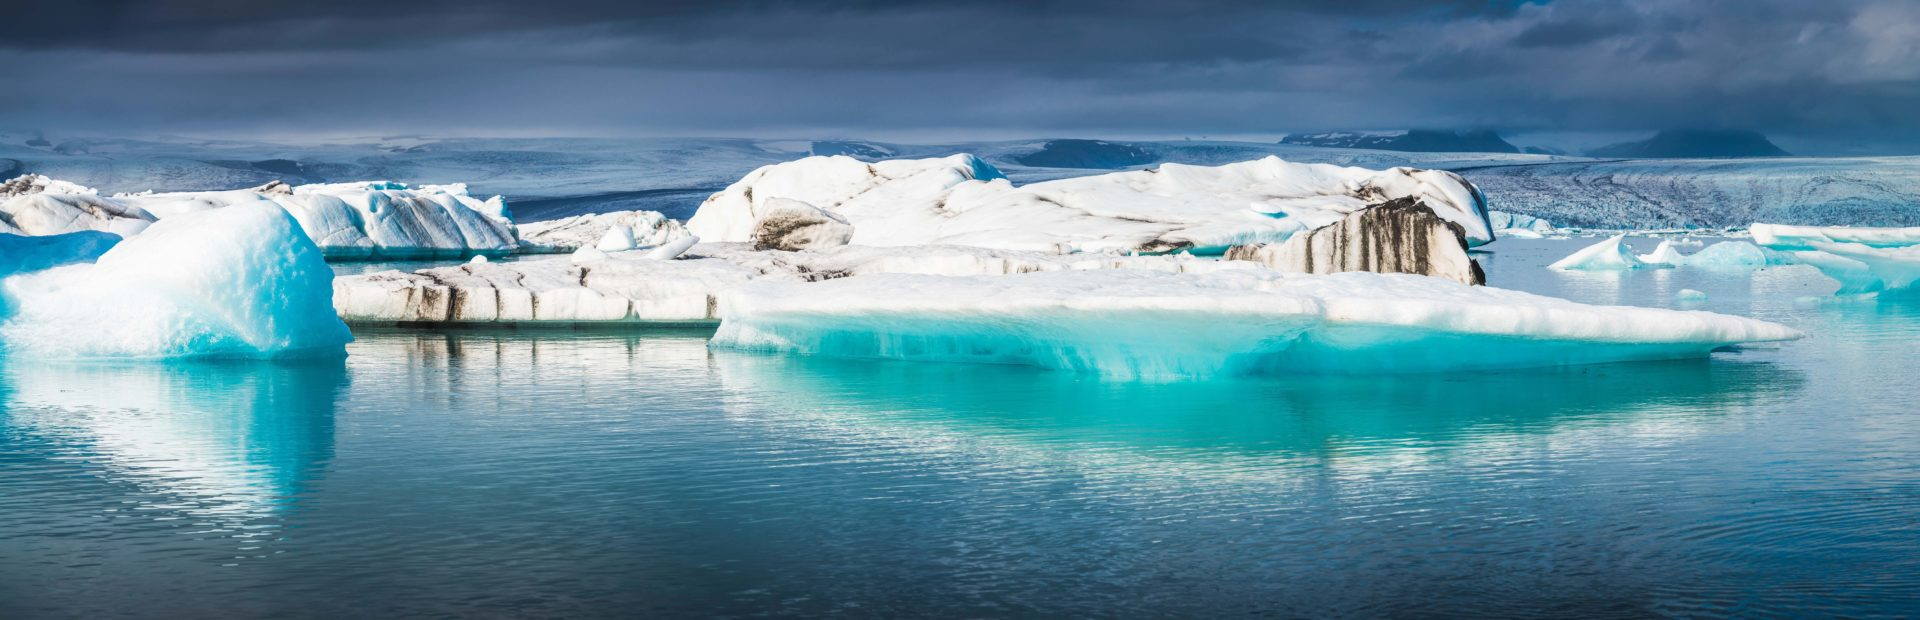 Imagen de Icebergs en el Ártico, donde una investigación apoyada por Fundación BBVA ha encontrado toneladas de plástico.